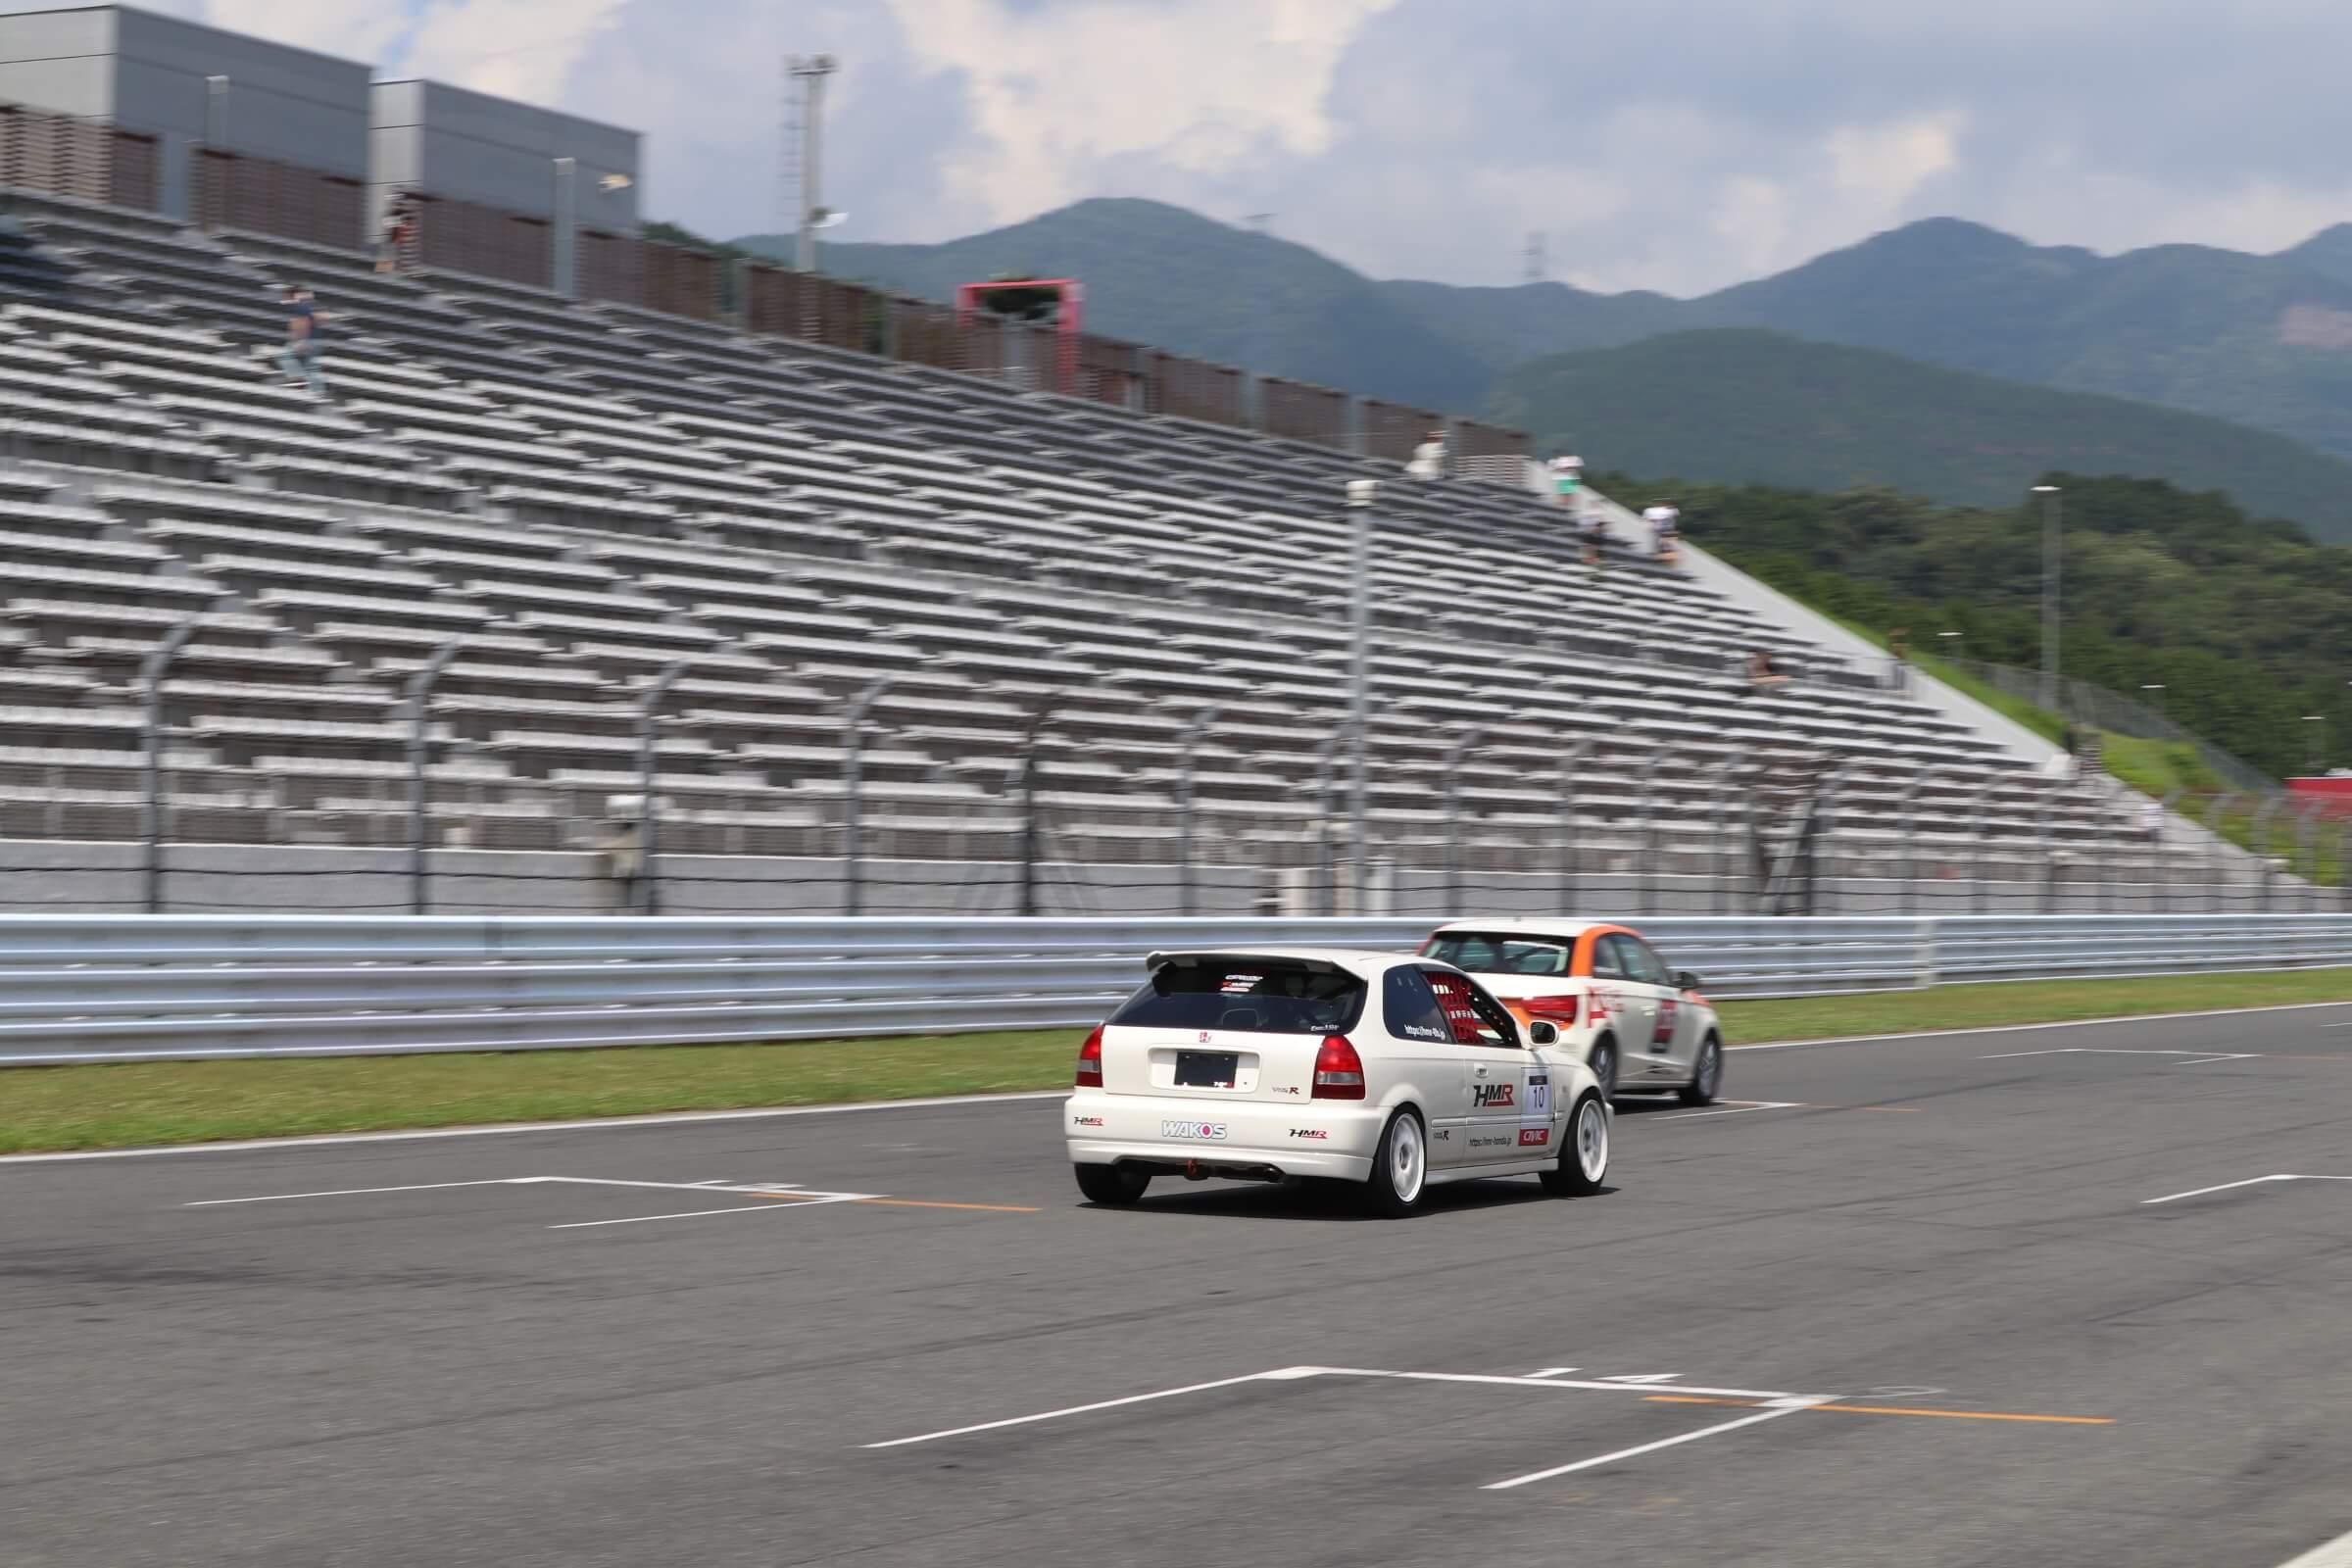 Fuji1-GP EK9レース